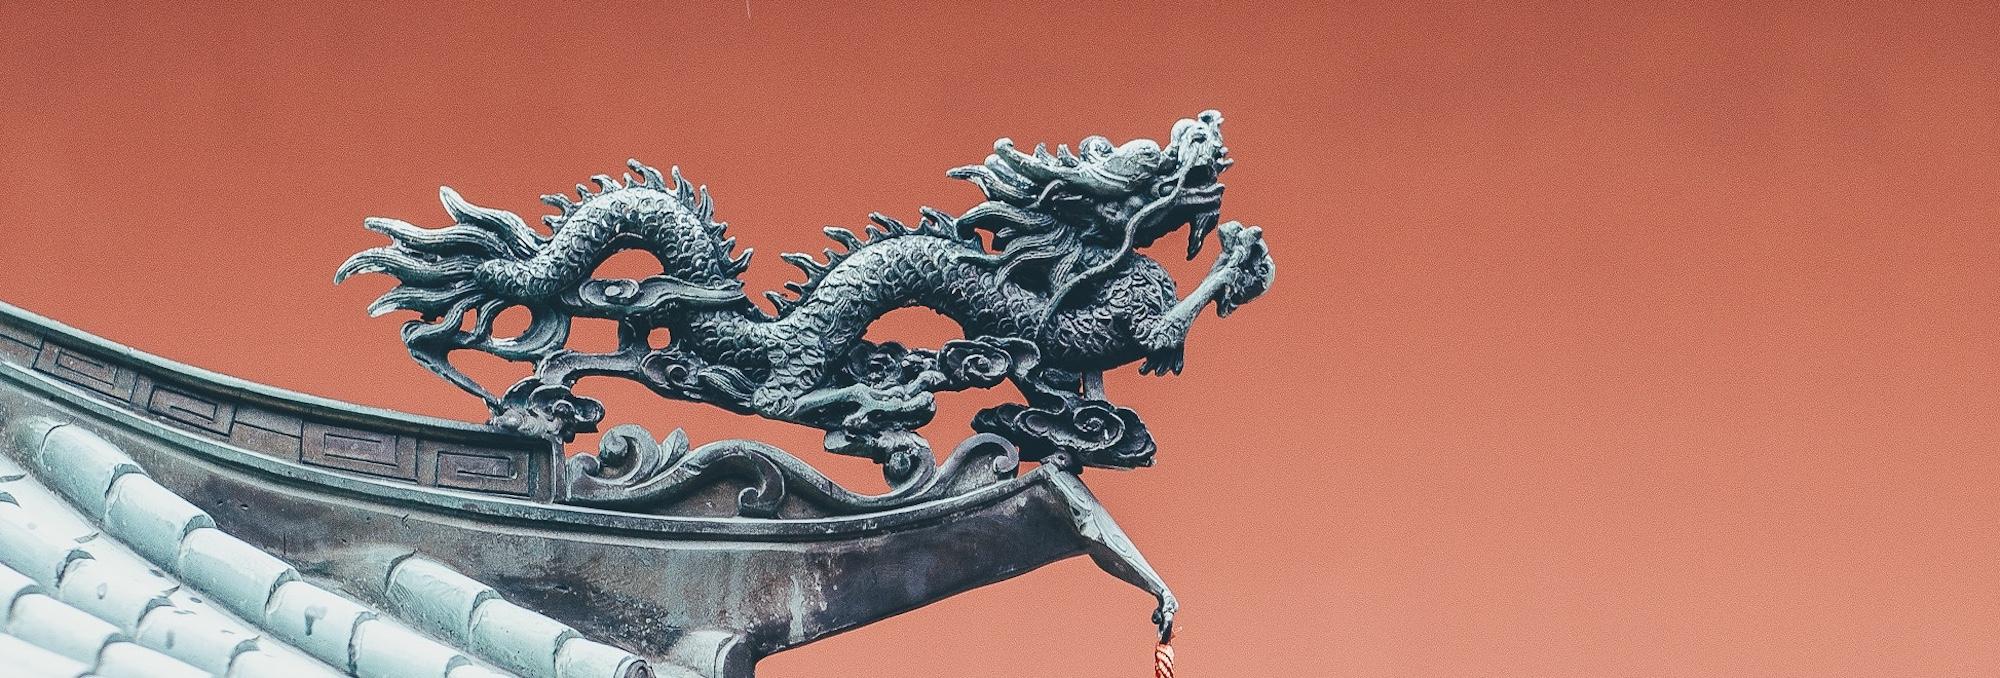 stone dragon atop a pagoda